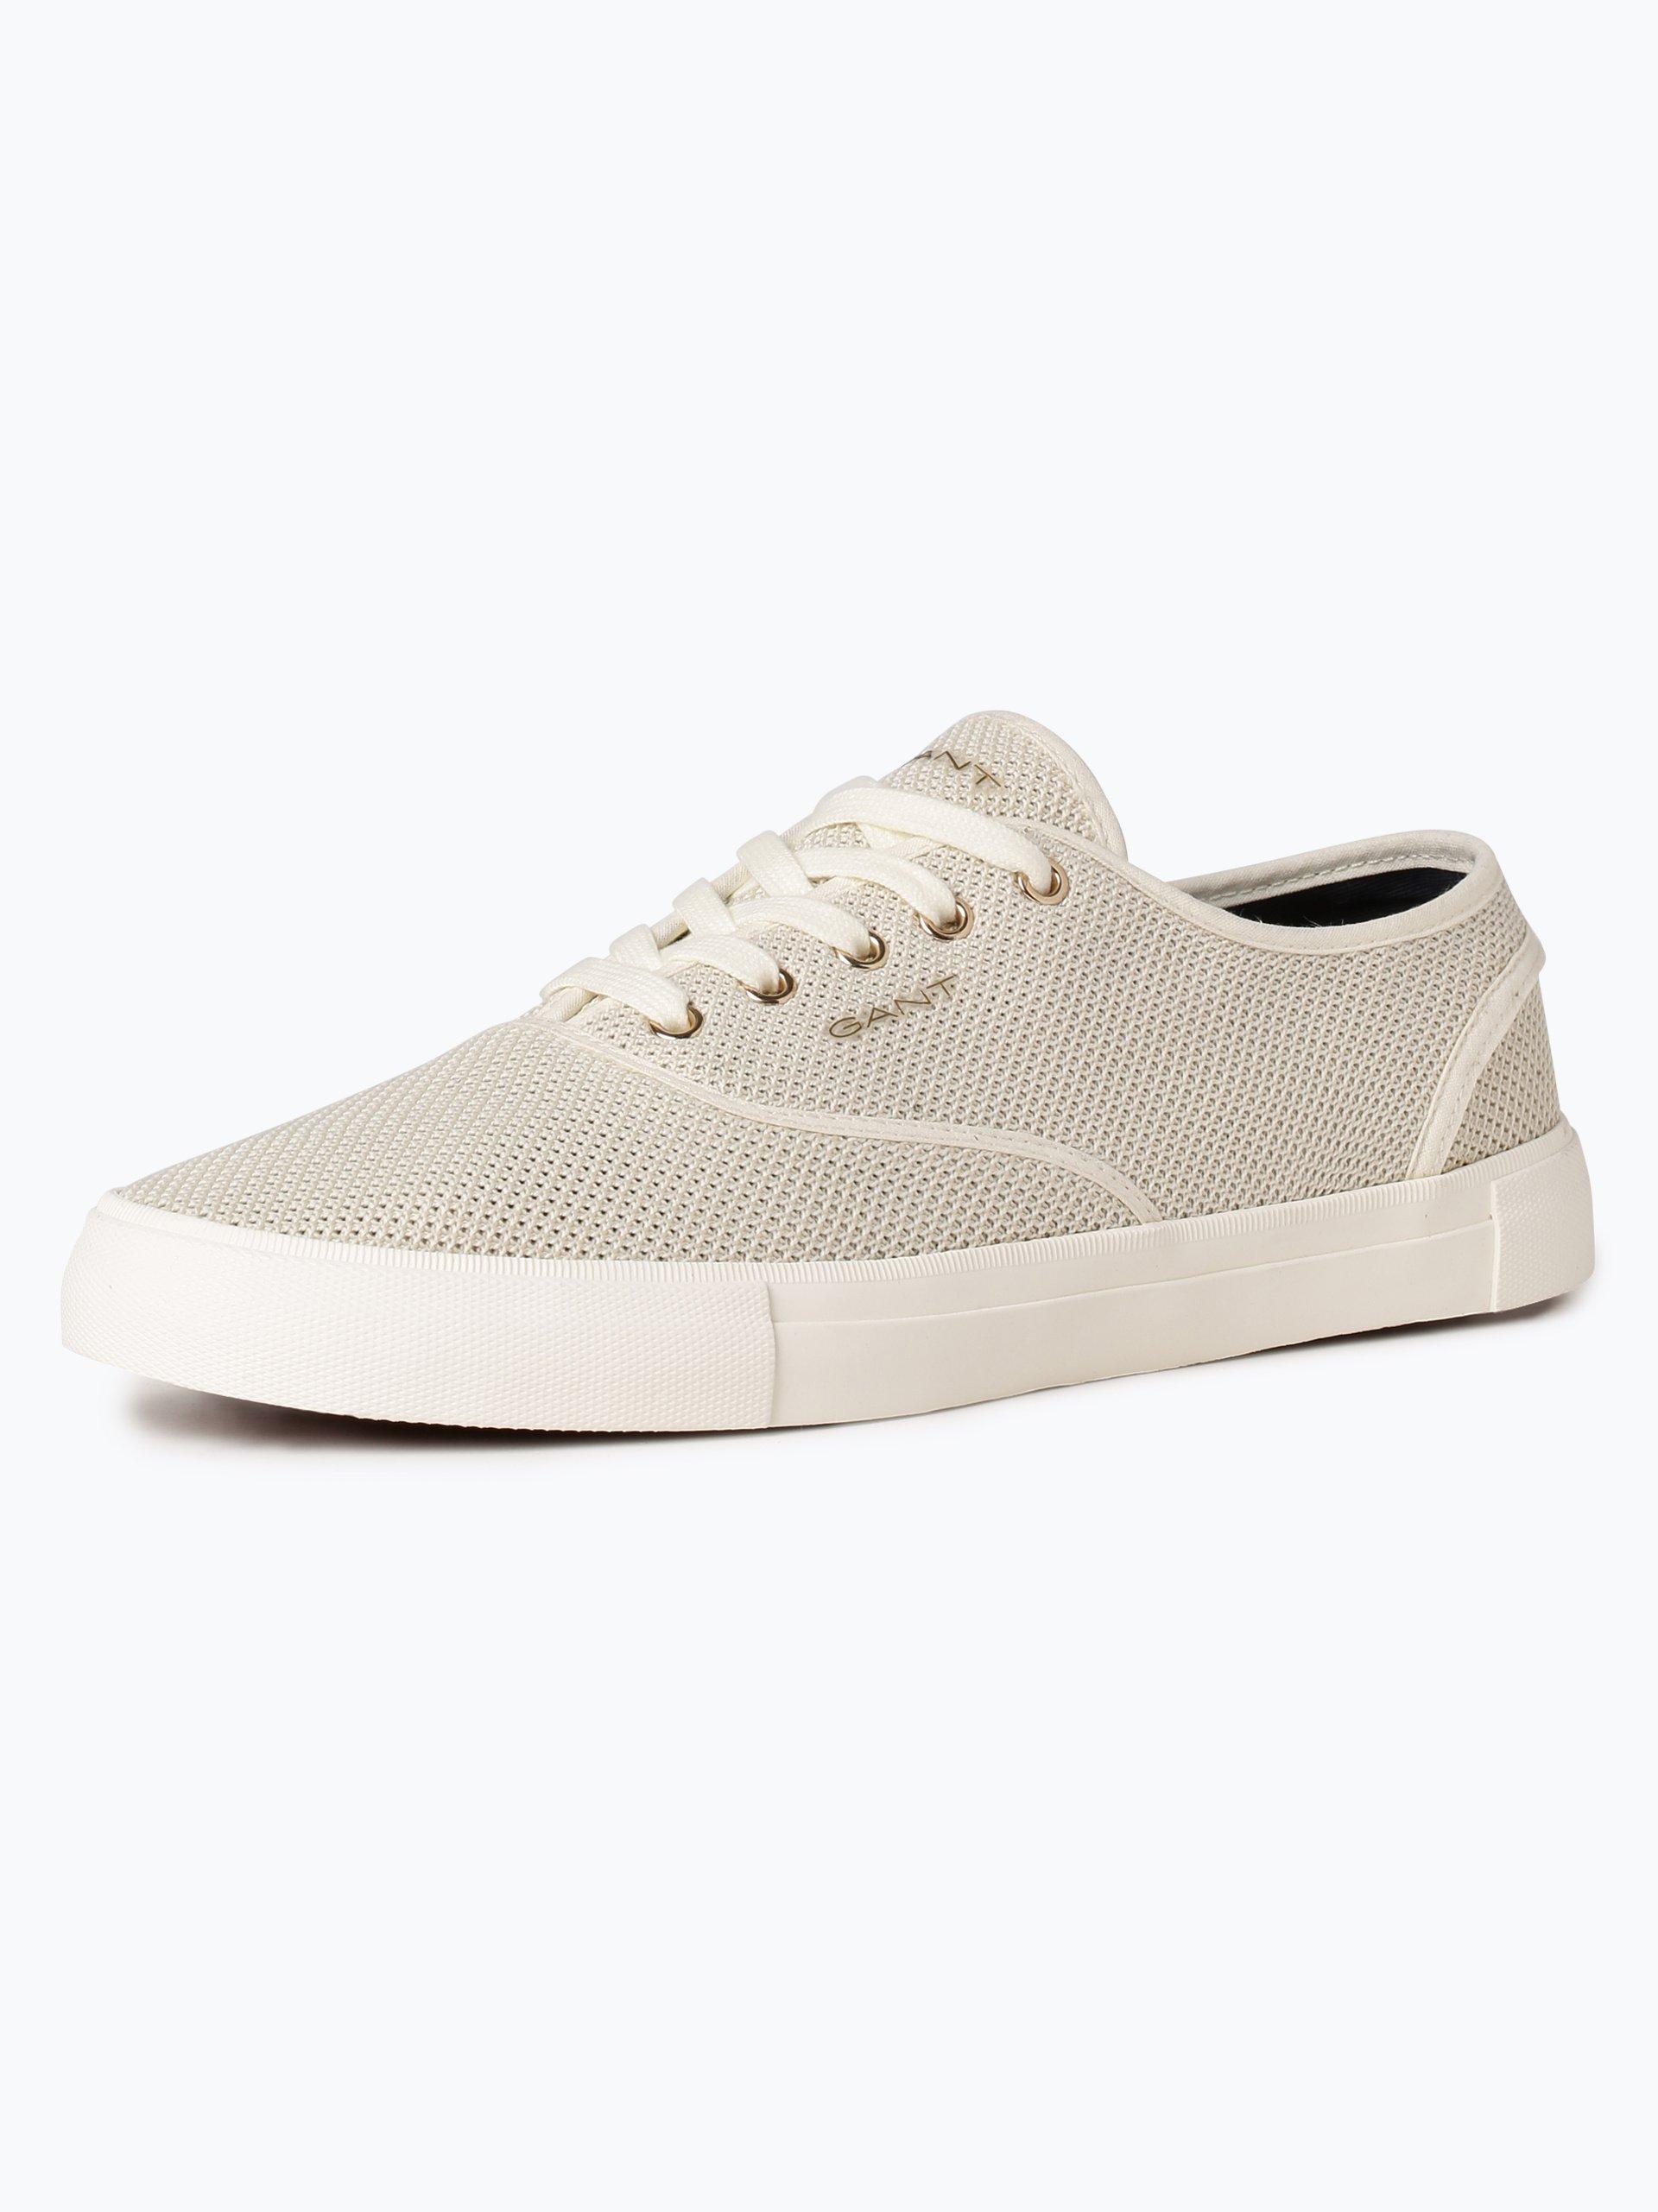 Herren Sneaker mit Leder-Anteil blau GANT Modisch Bester Shop Zum Kauf Einkaufen Auslass-Websites XrTtn6E